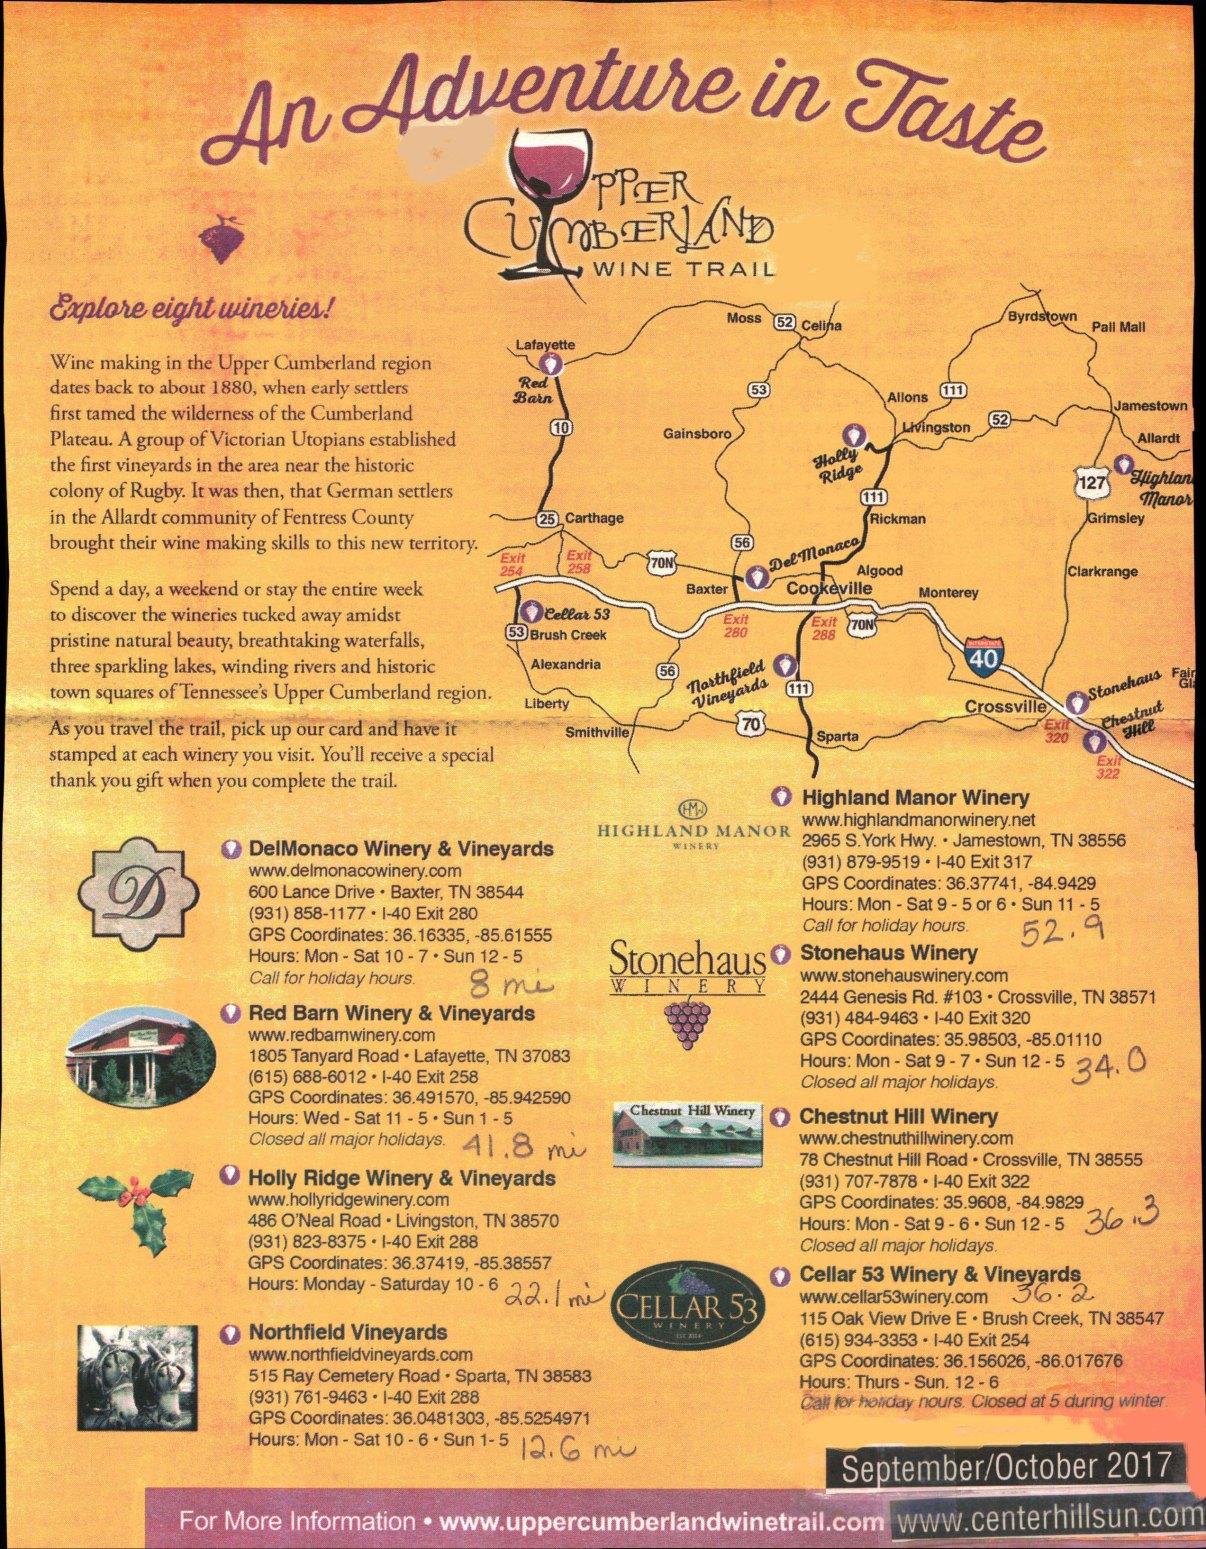 Upper Cumberland Wine Trail 2017-2